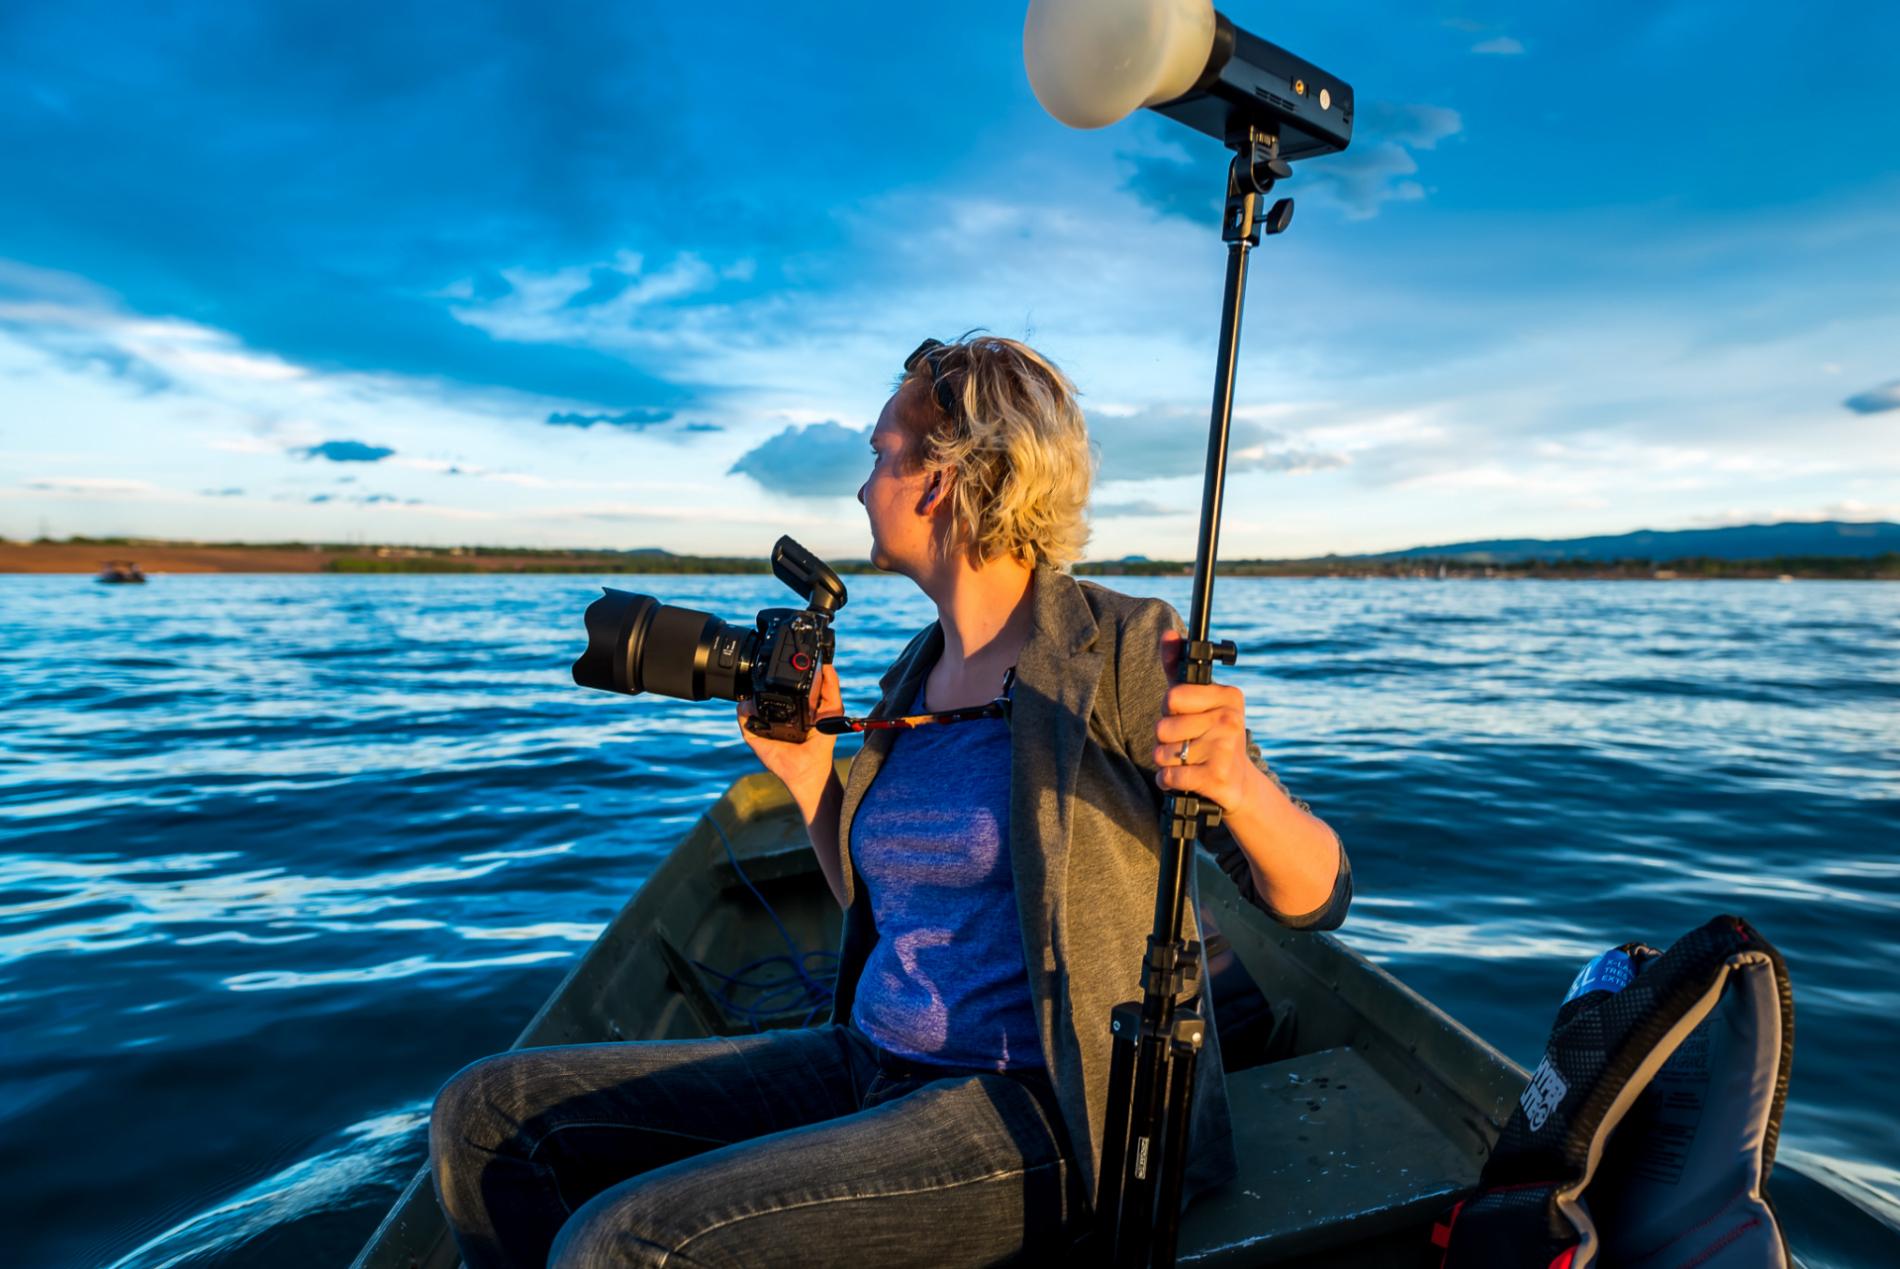 Fotógrafo de bodas de los lagos de colorado dando un paseo en bote durante el evento